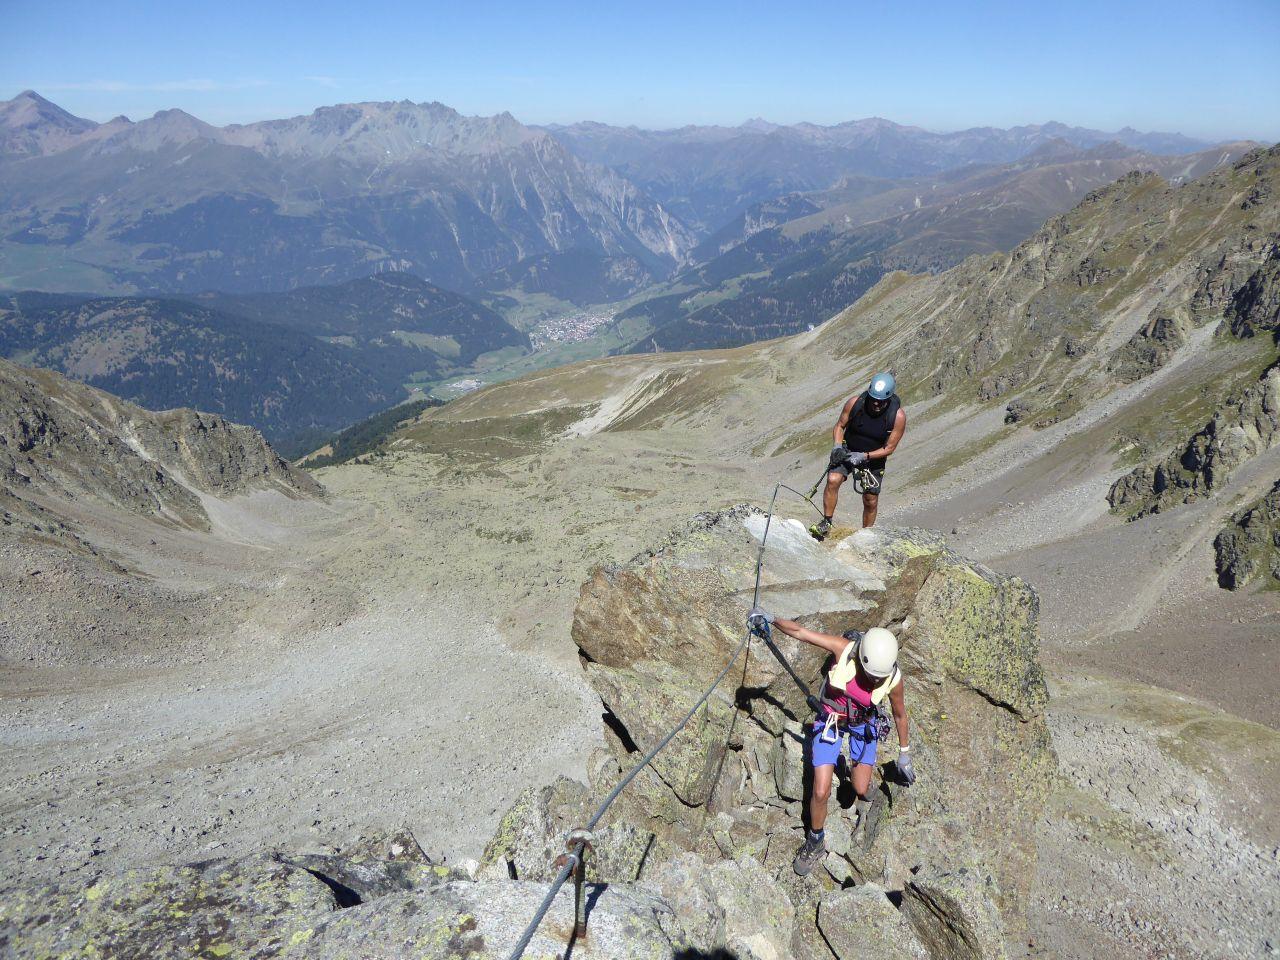 Klettersteig Nauders : Hotel hochland nauders klettern und klettersteig